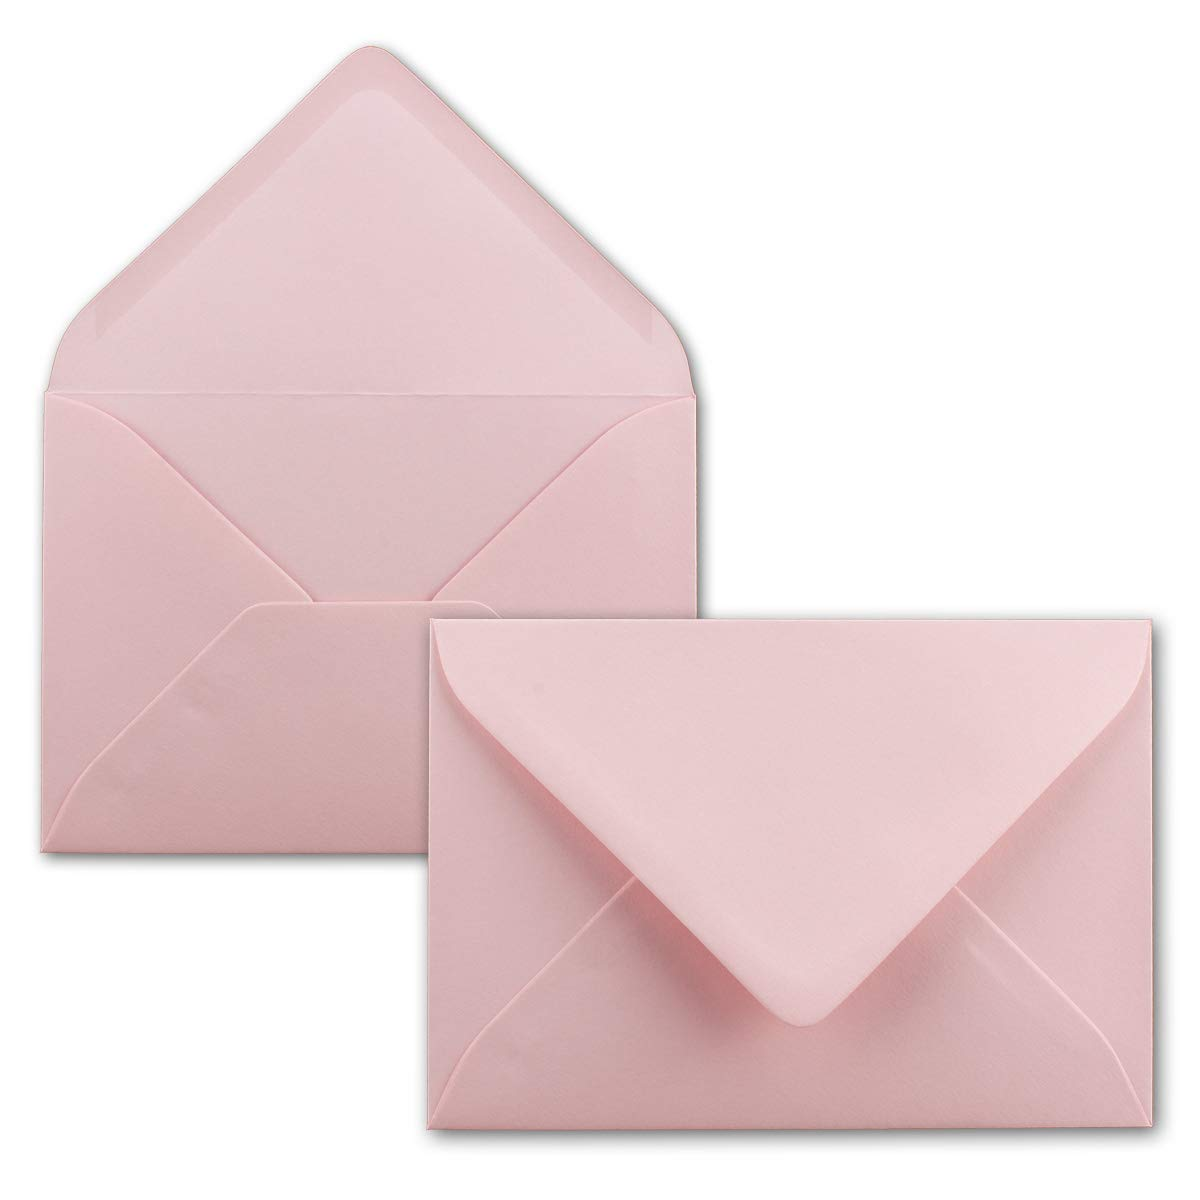 Brief-Umschläge in Nachtblau     150 Stück   DIN C5 KuGrüns 220 x 154 mm - Nassklebung ohne Fenster - Weihnachten, Grußkarten   Serie FarbenFroh® B07BPWFT96 | Ästhetisches Aussehen  076f5e